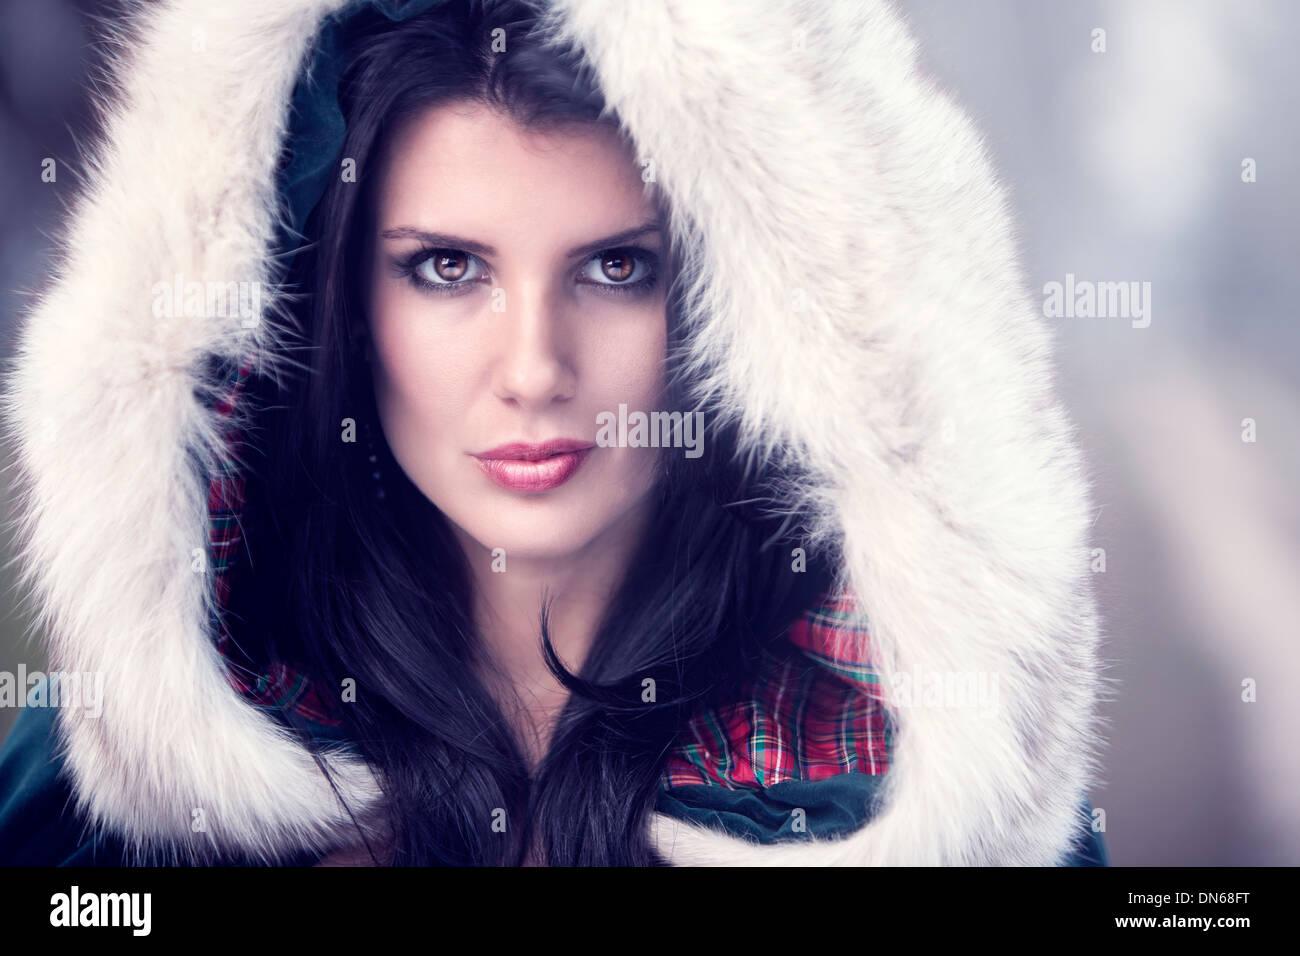 Belleza retrato de mujer vistiendo un cofre cubierto de pieles en un frío día de invierno. Imagen De Stock